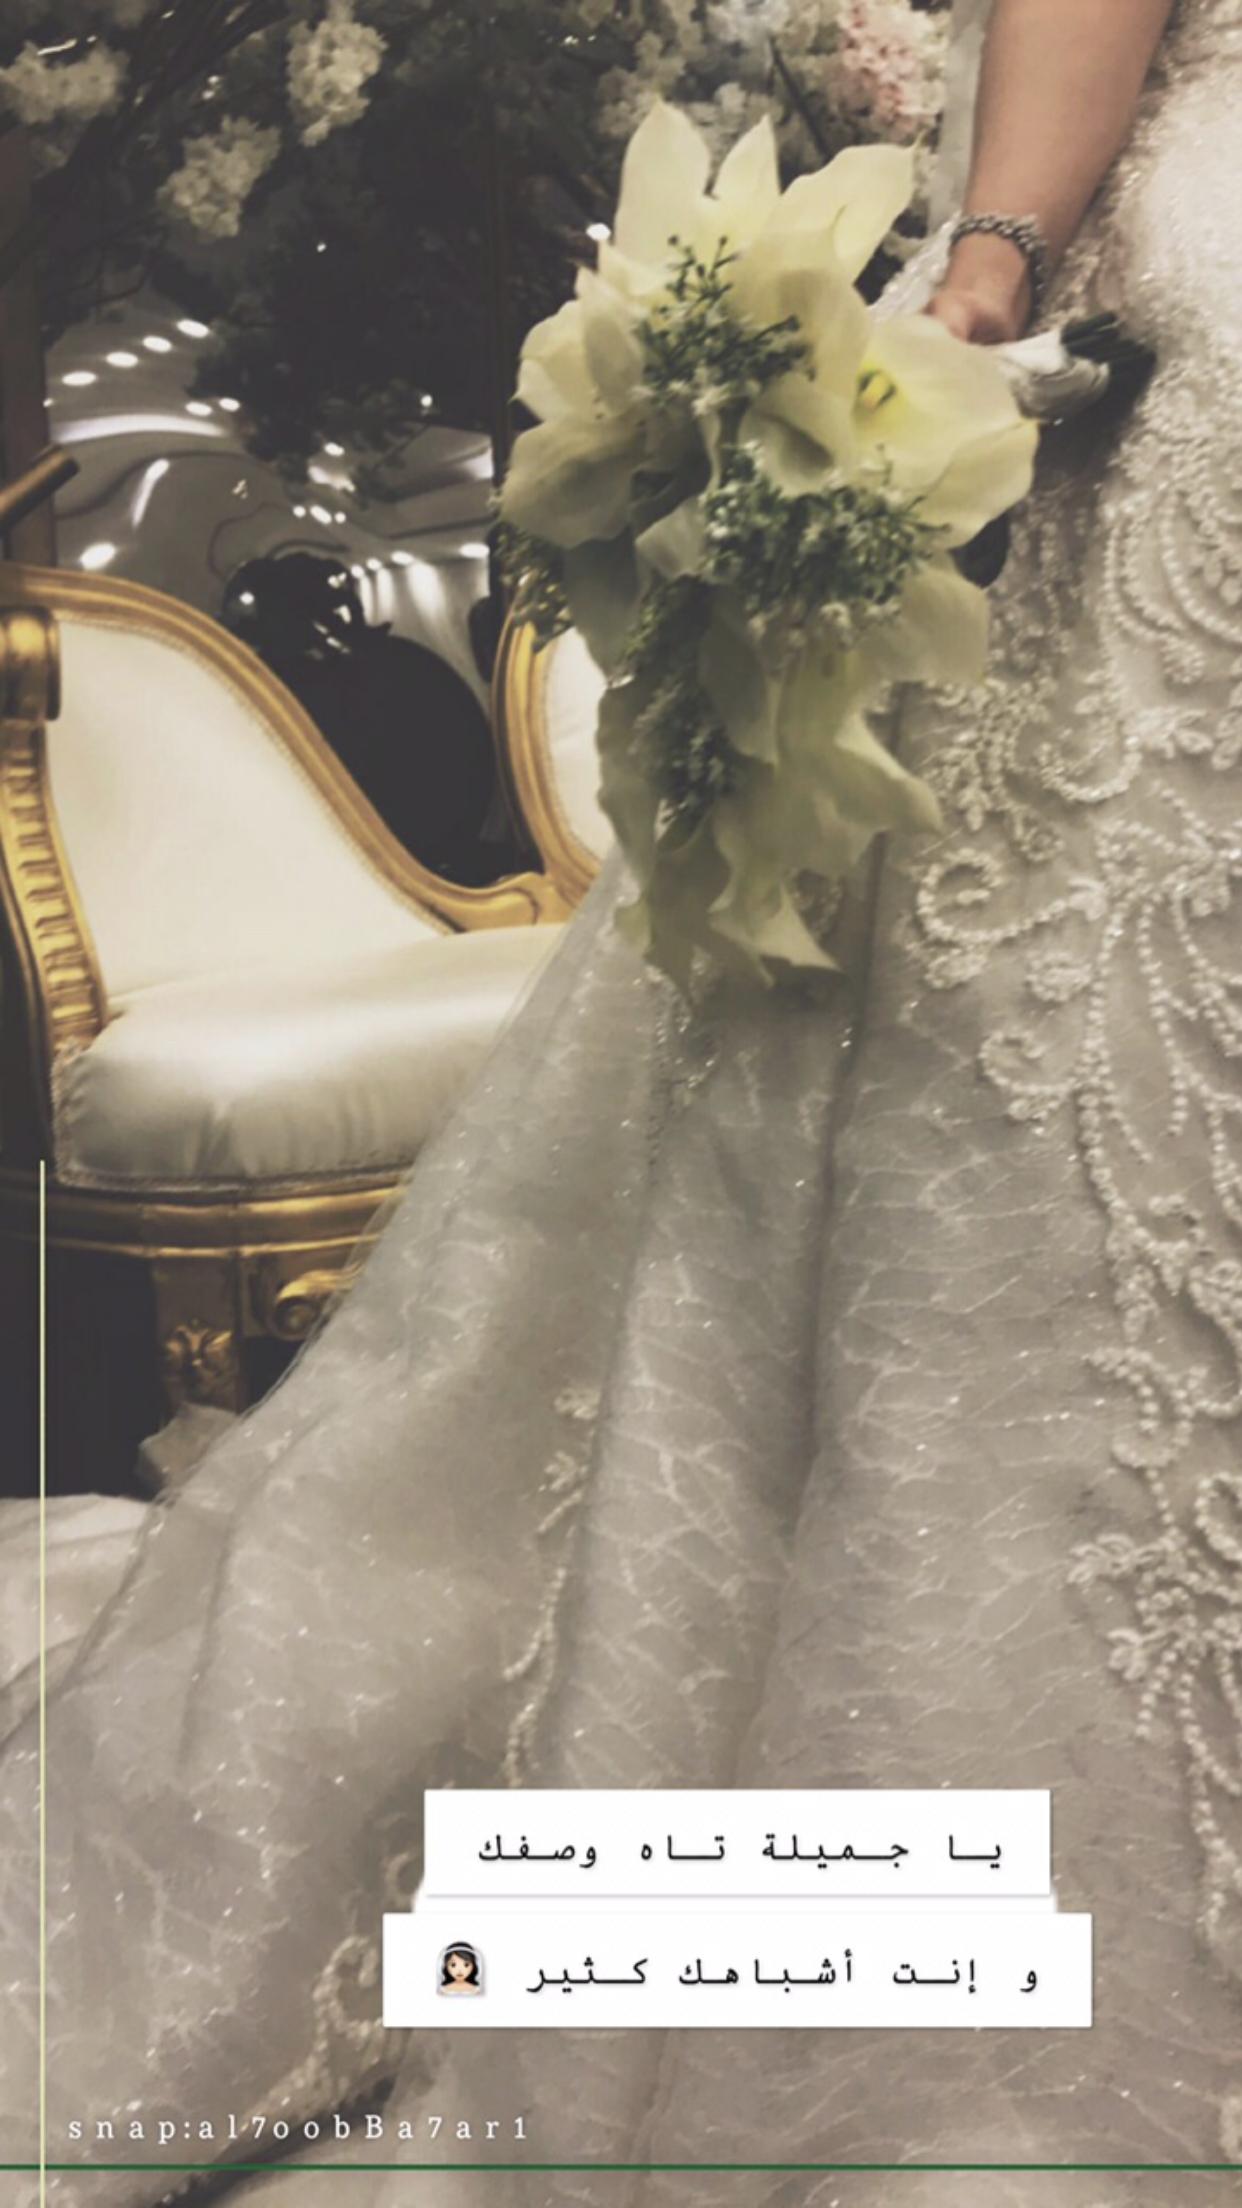 Pin By ورد On تصوير Arabian Wedding Arab Wedding Bride Quotes